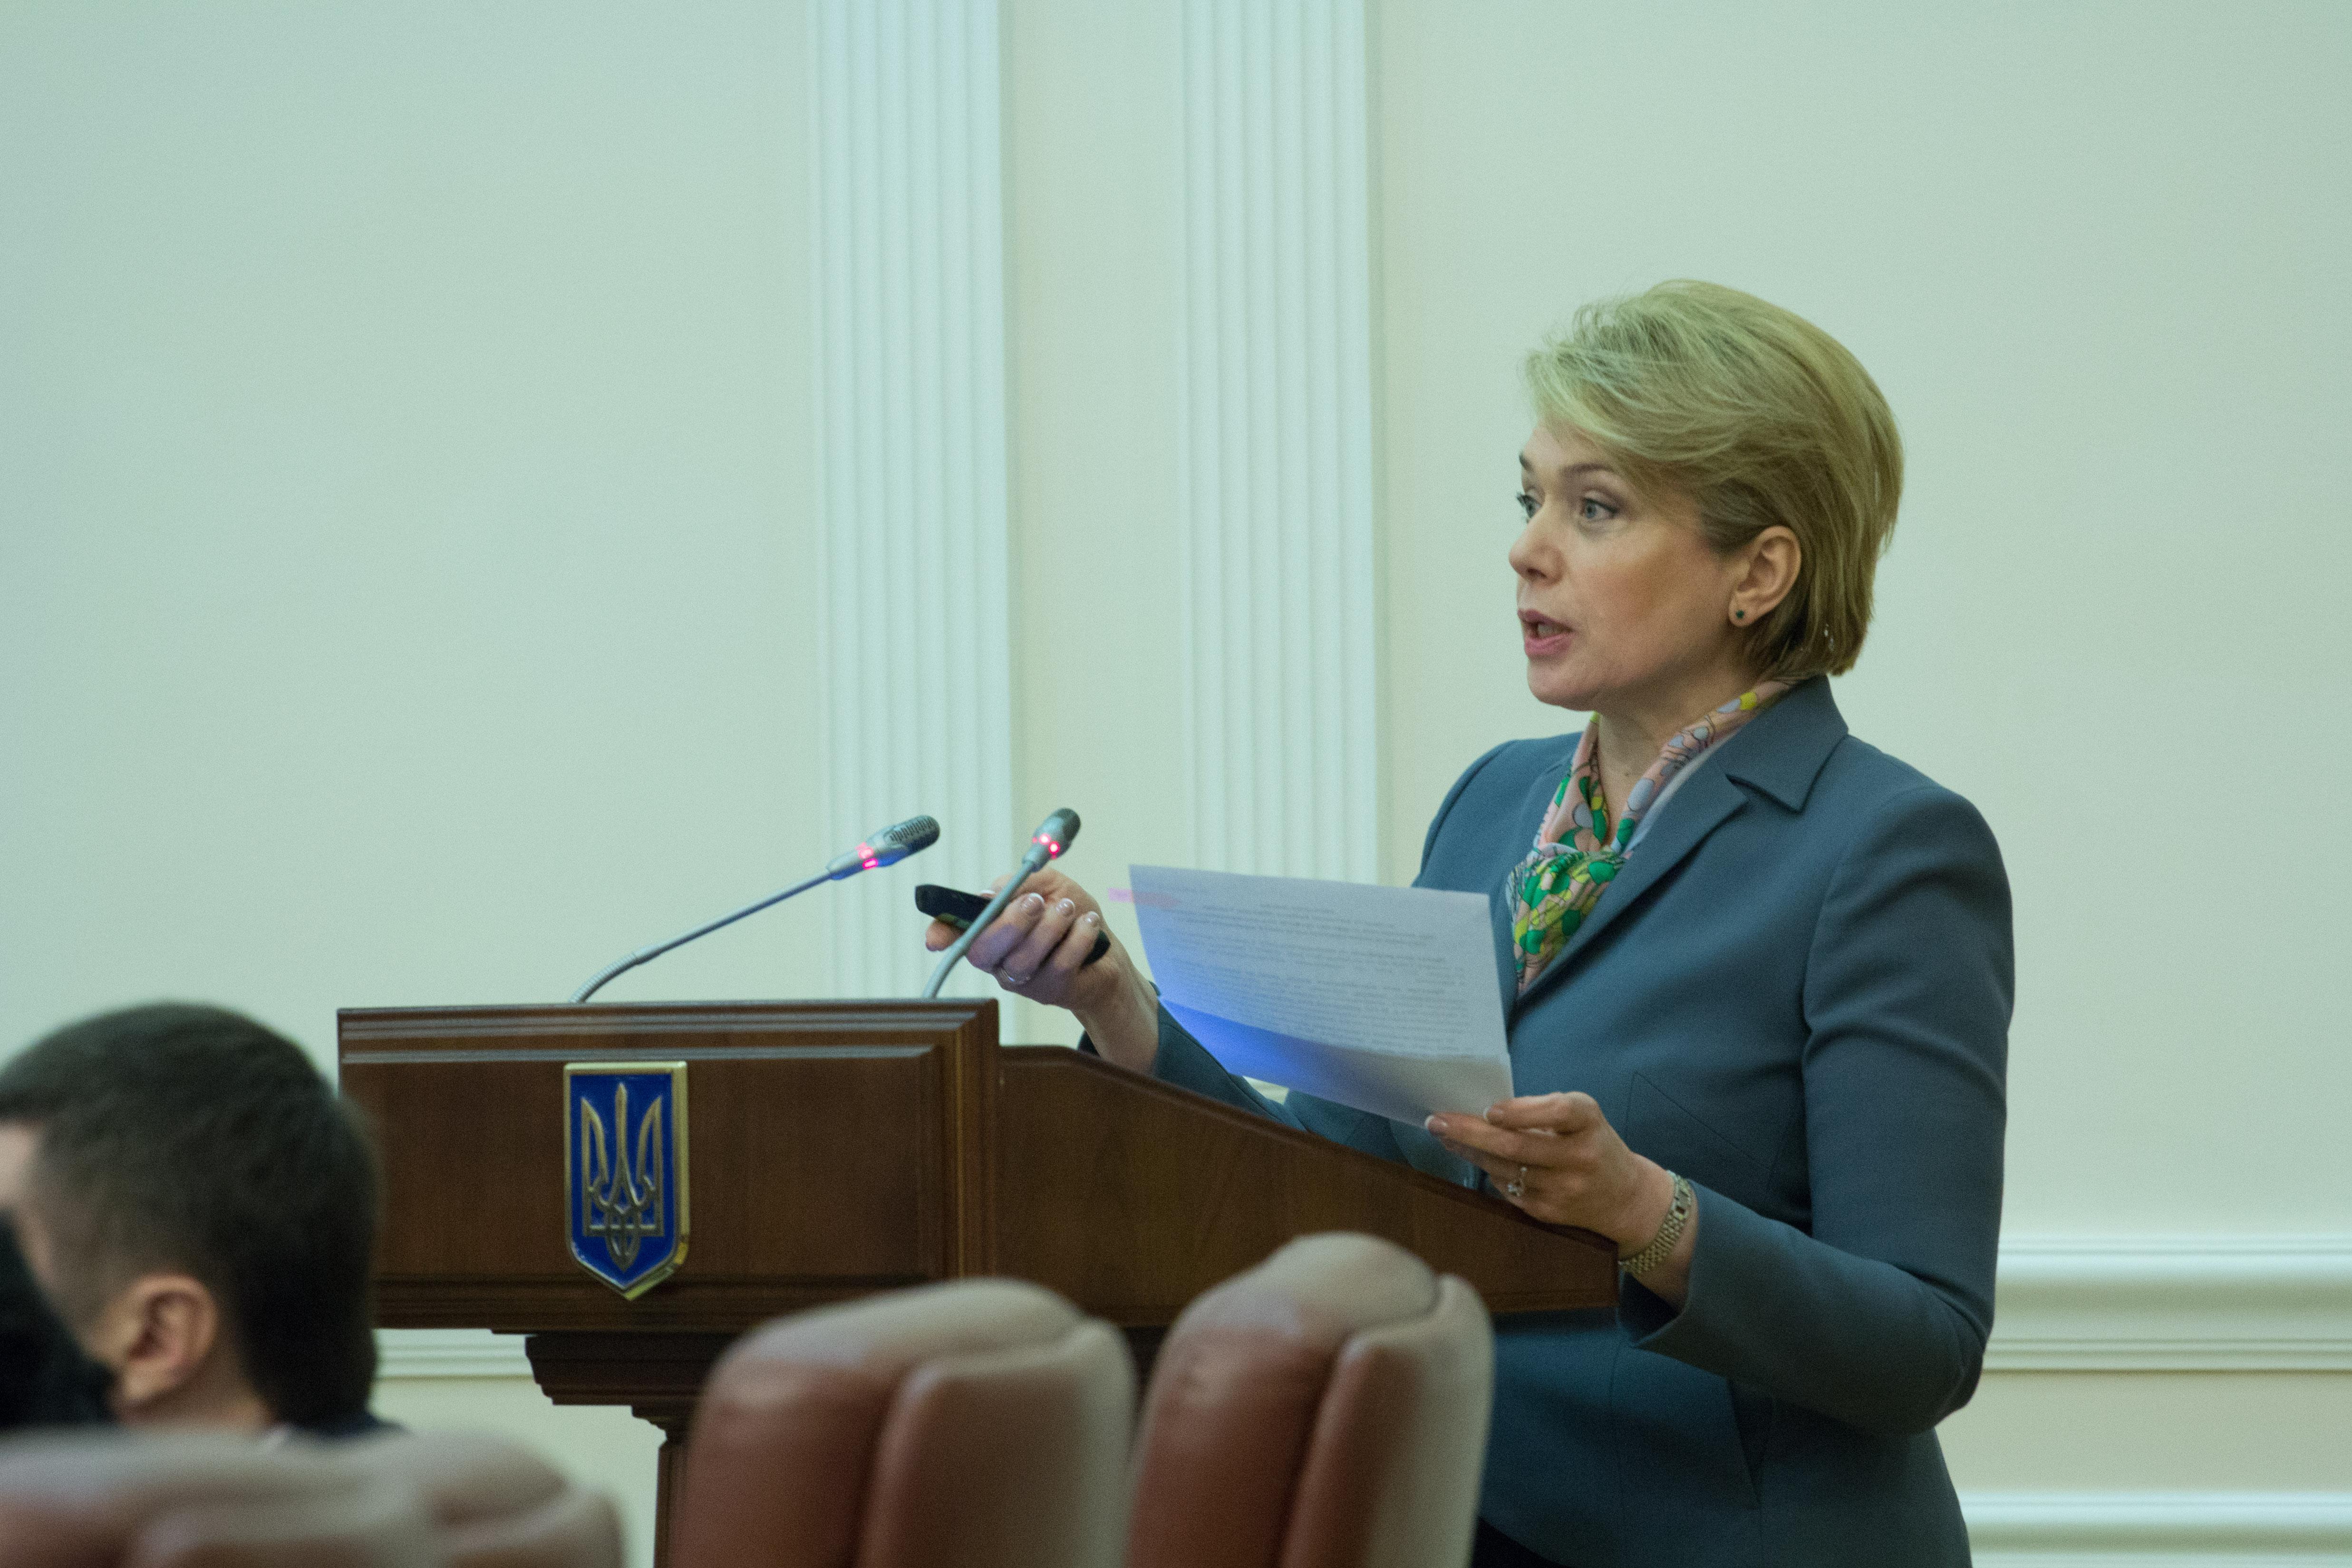 Вукраинских школах введут коренные изменения: списать больше неполучится